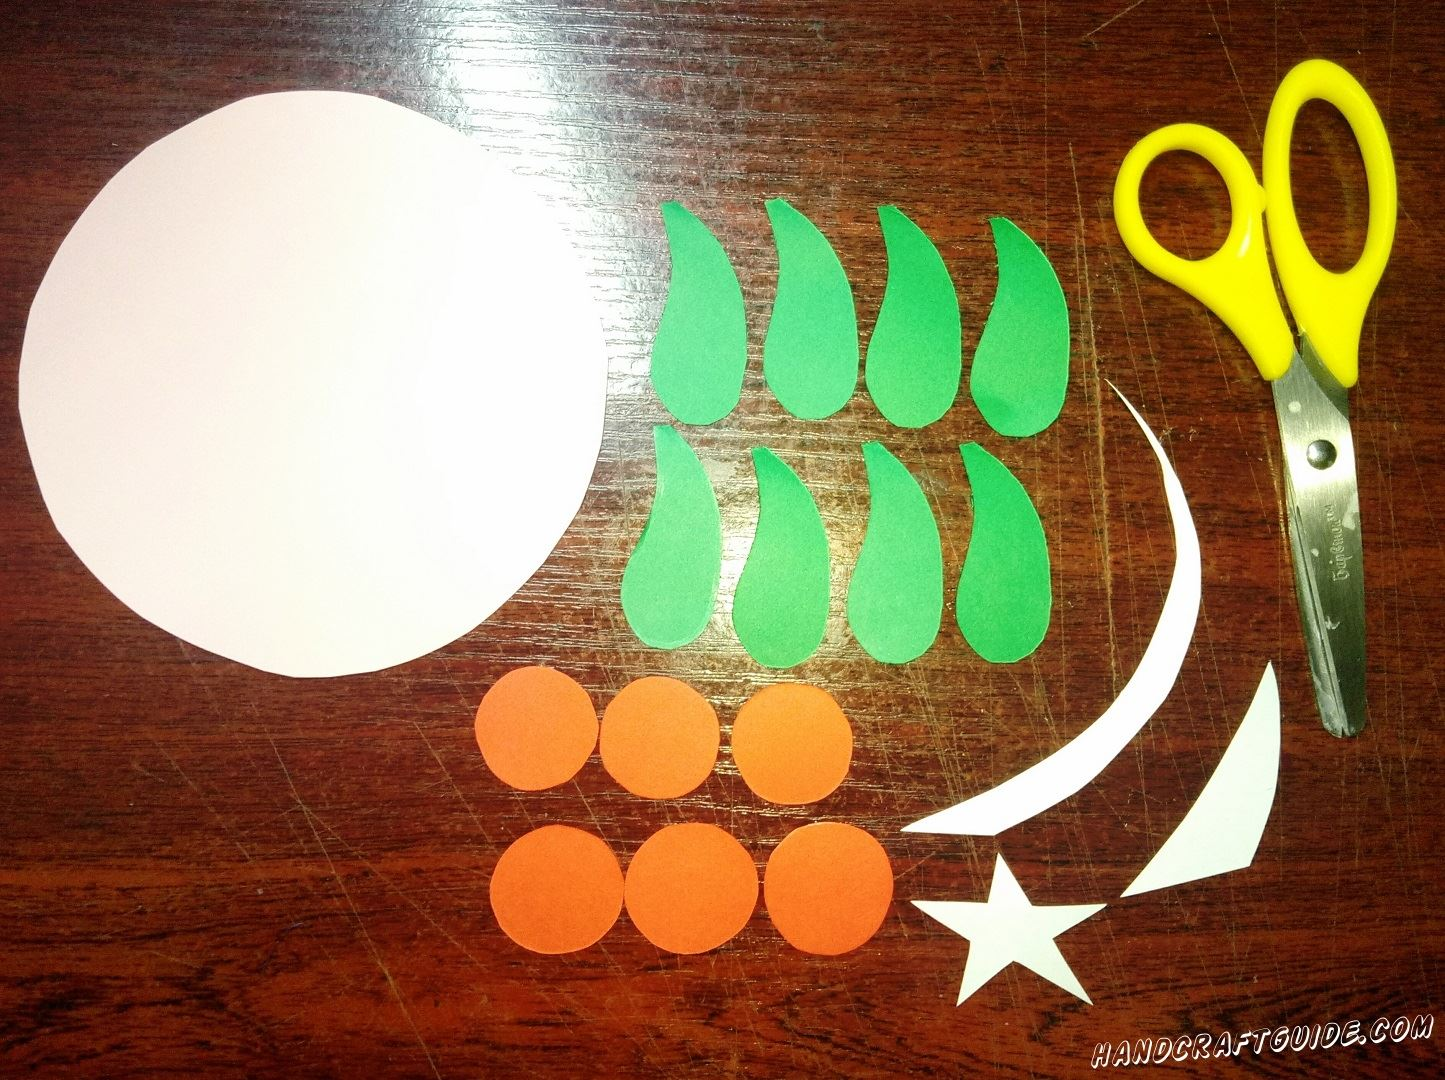 Вырезаем все необходимые бумажные фигурки: большой круг розового цвета, звёздочку и две дуги белого цвета. Также нам нужно вырезать шесть маленьких красных бумажных кружочка и восемь зелёных фигурок в форме капли, как показано на фото.